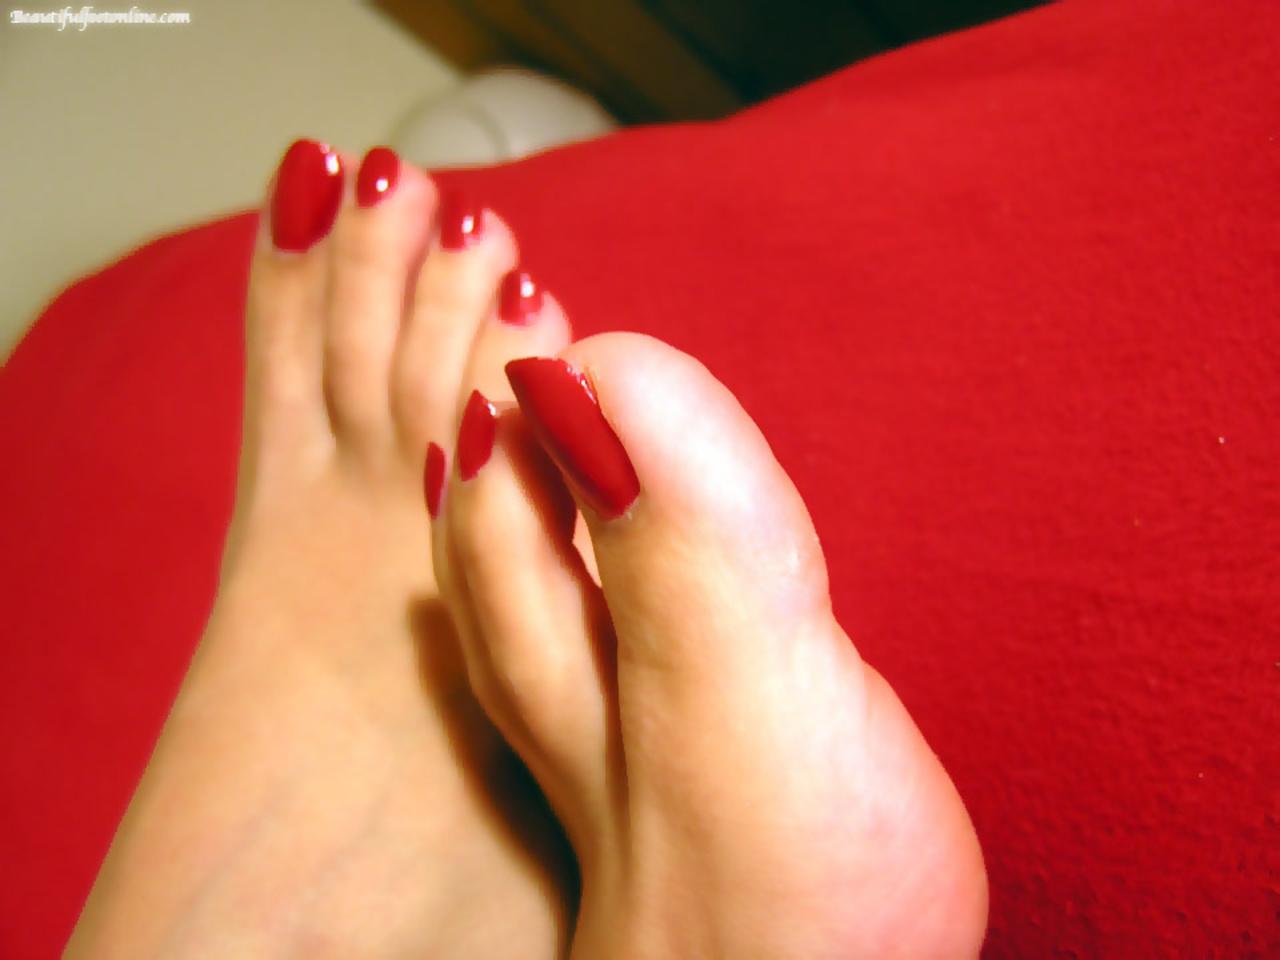 Смотреть фото женских пальчиков ног, Красивые ступни девушек это прекрасно (фото.) 14 фотография